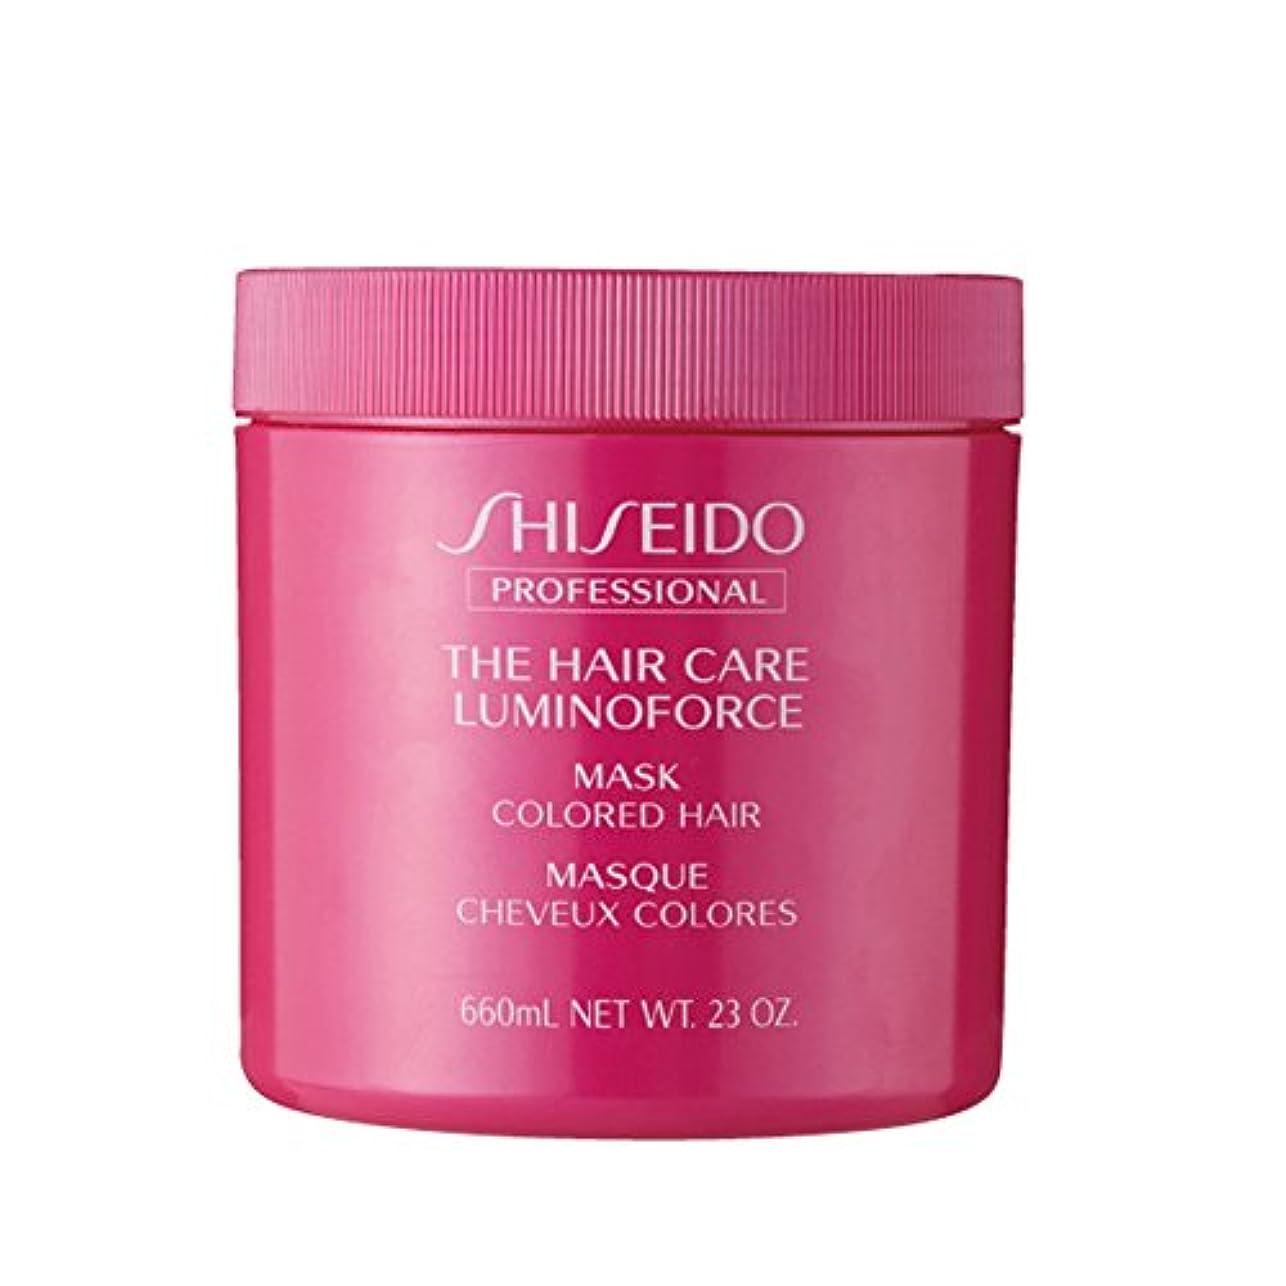 提供少ない魂資生堂 THC ルミノフォースマスク 680g ×2個 セットヘアカラーを繰り返したごわついた髪を、芯からしなやかでつややかな髪へSHISEIDO LUMINOFORCE